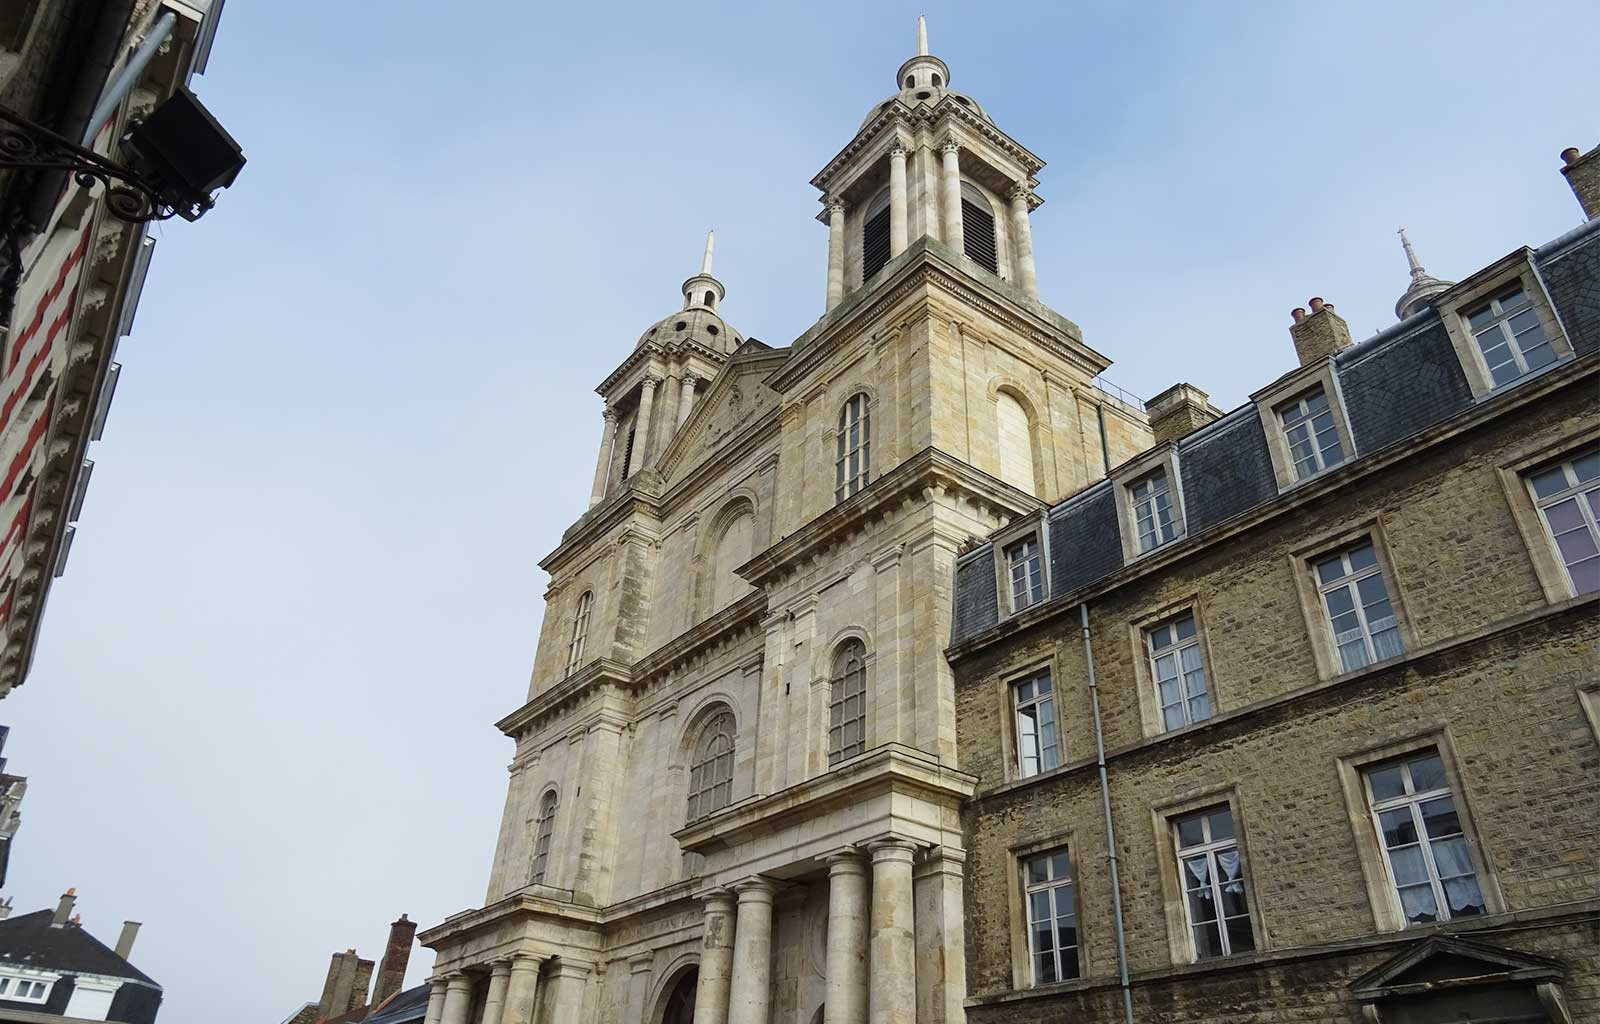 Boulogne-sur-mer Basilique Notre-Dame-de-l'Immaculée-Conception